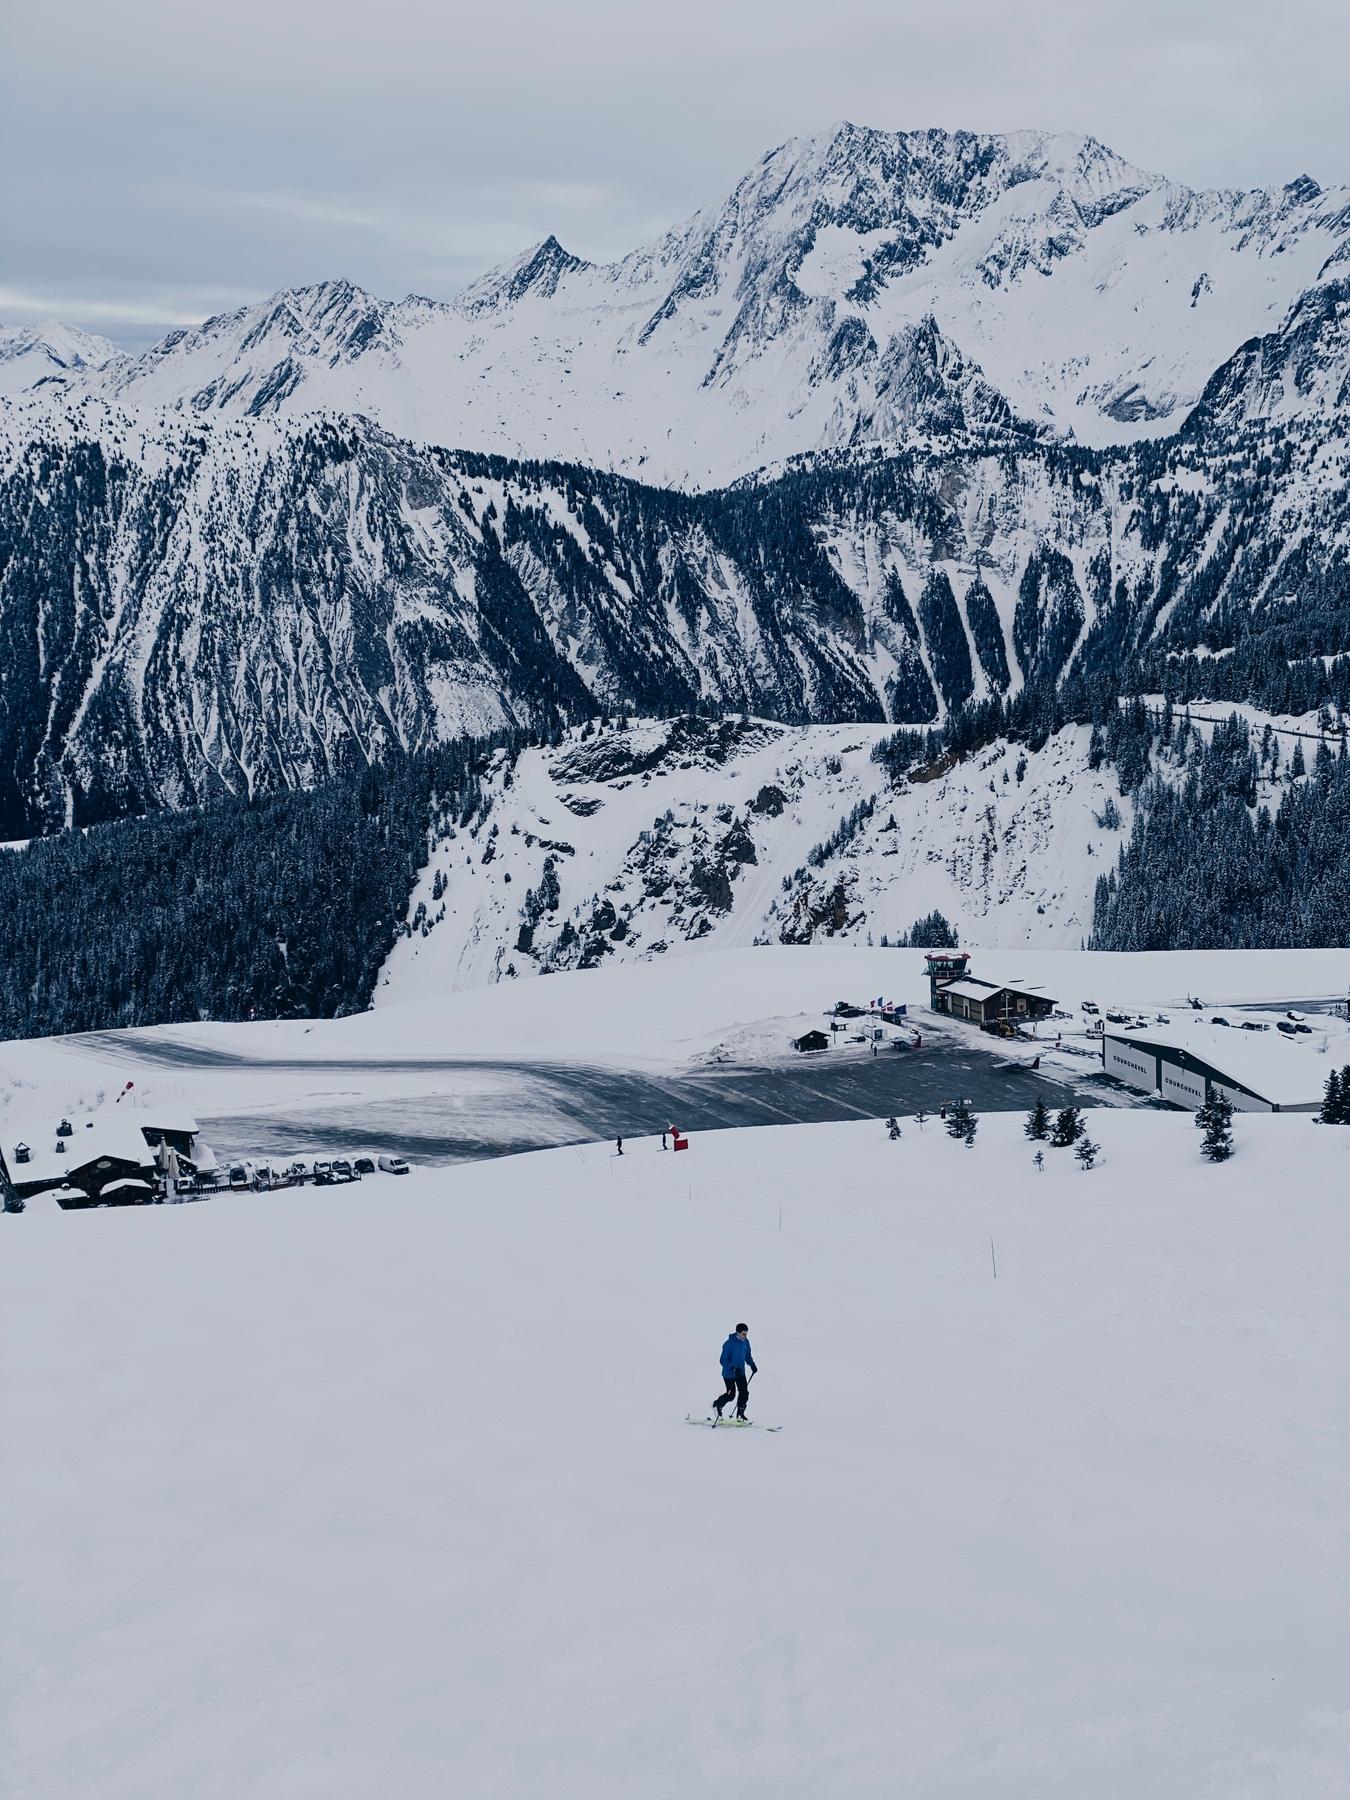 L'altiport à Courchevel dans les trois vallées - à visiter en janvier 2021